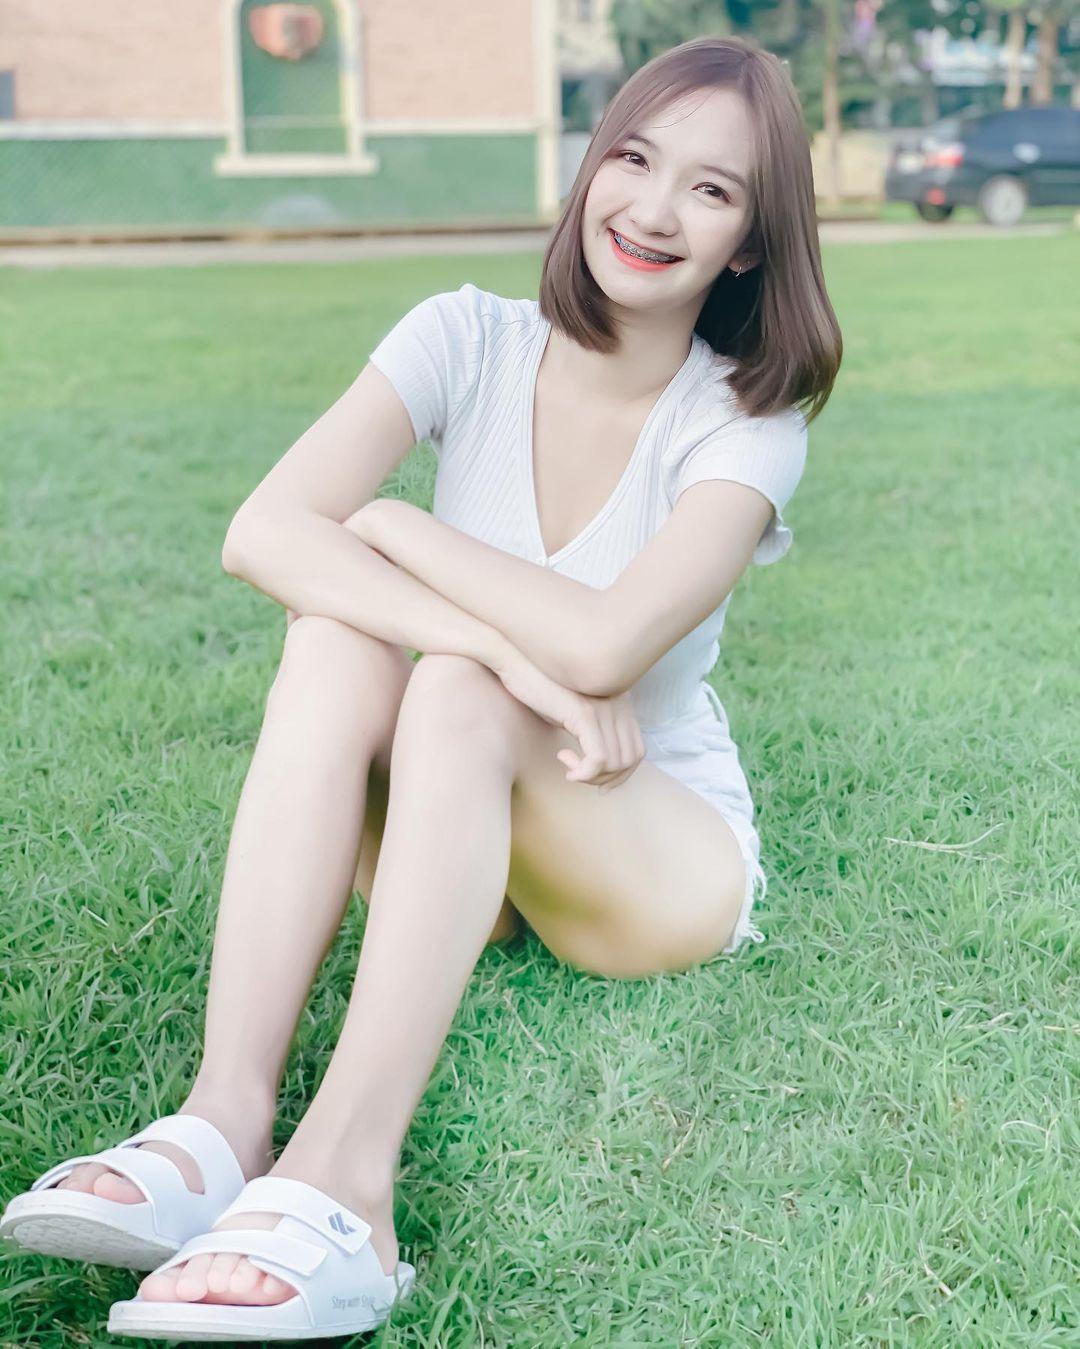 泰国童颜女主播紧身吊嘎低胸人深字沟清晰可见 男人文娱 热图10